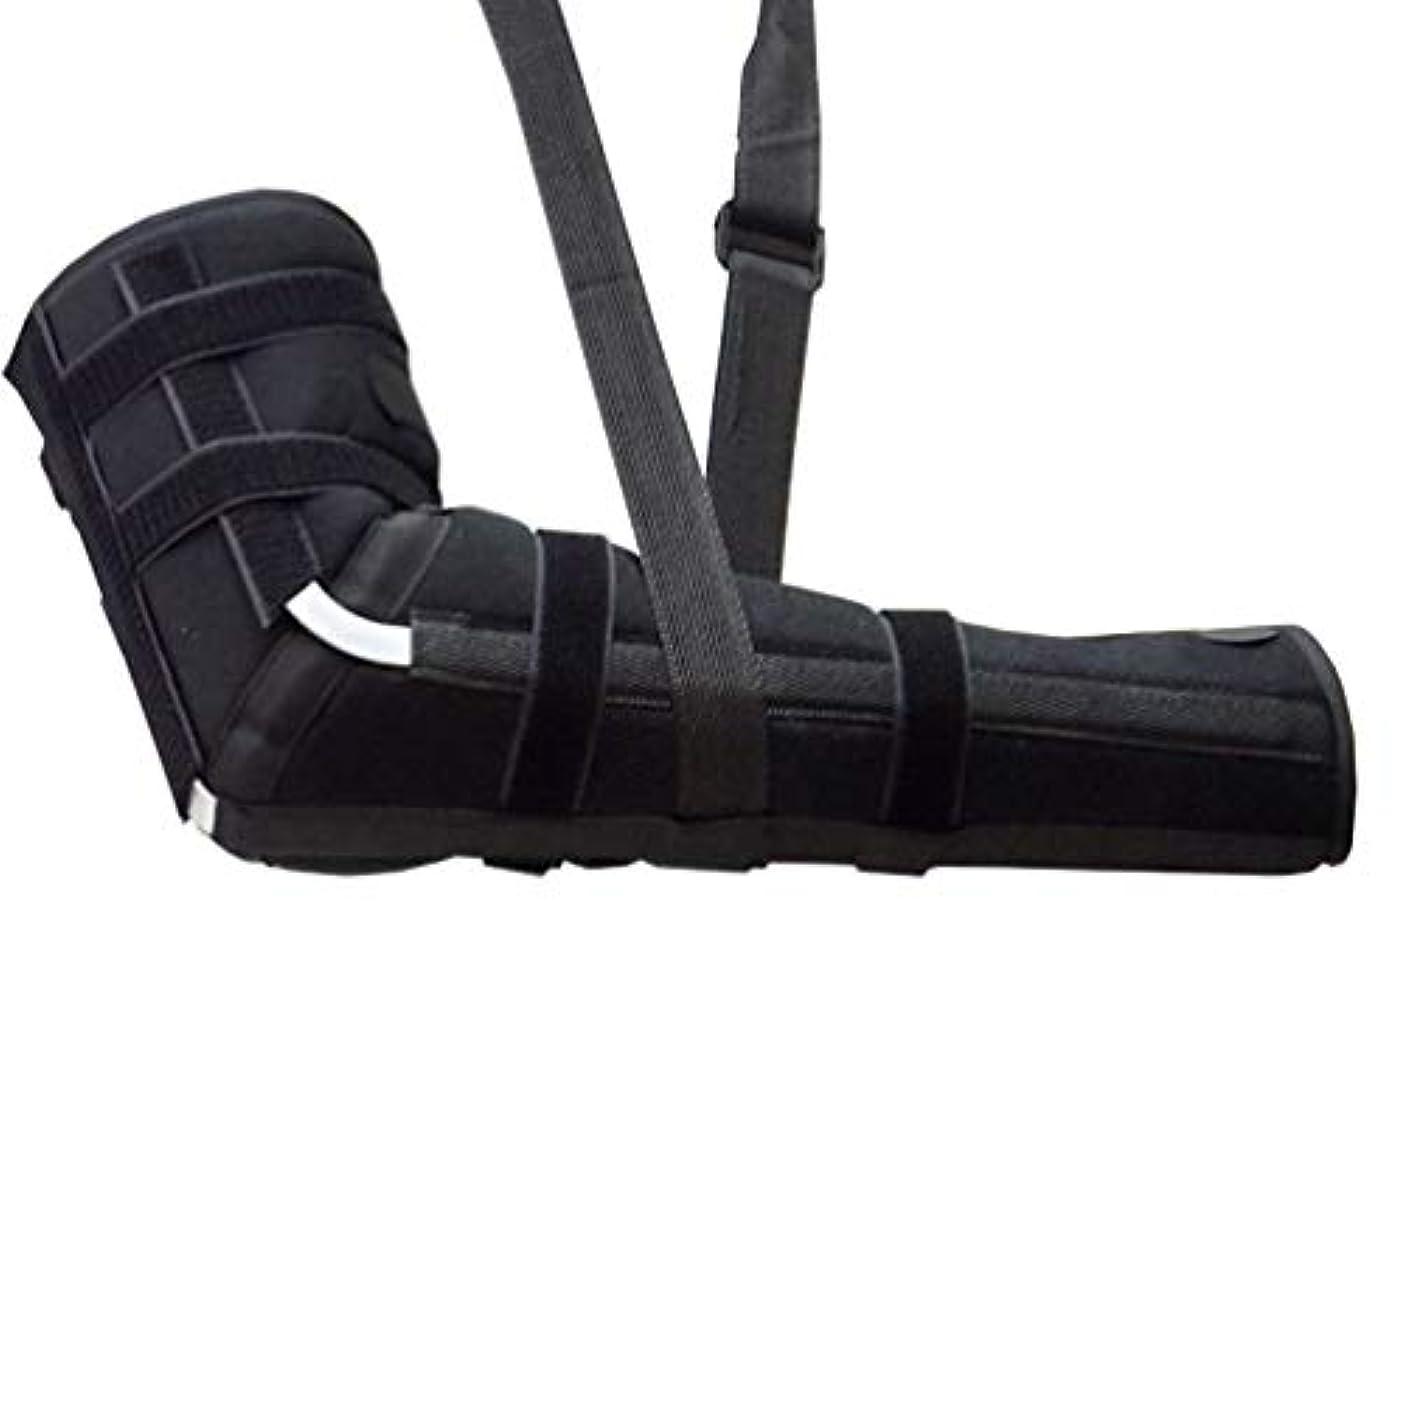 ルートイタリアの文庫本SUPVOX アームリーダー 腕つり用サポーター アームホルダー 安定感 通気性抜群 骨折 脱臼 脱臼時のギプス固定に 調節可能